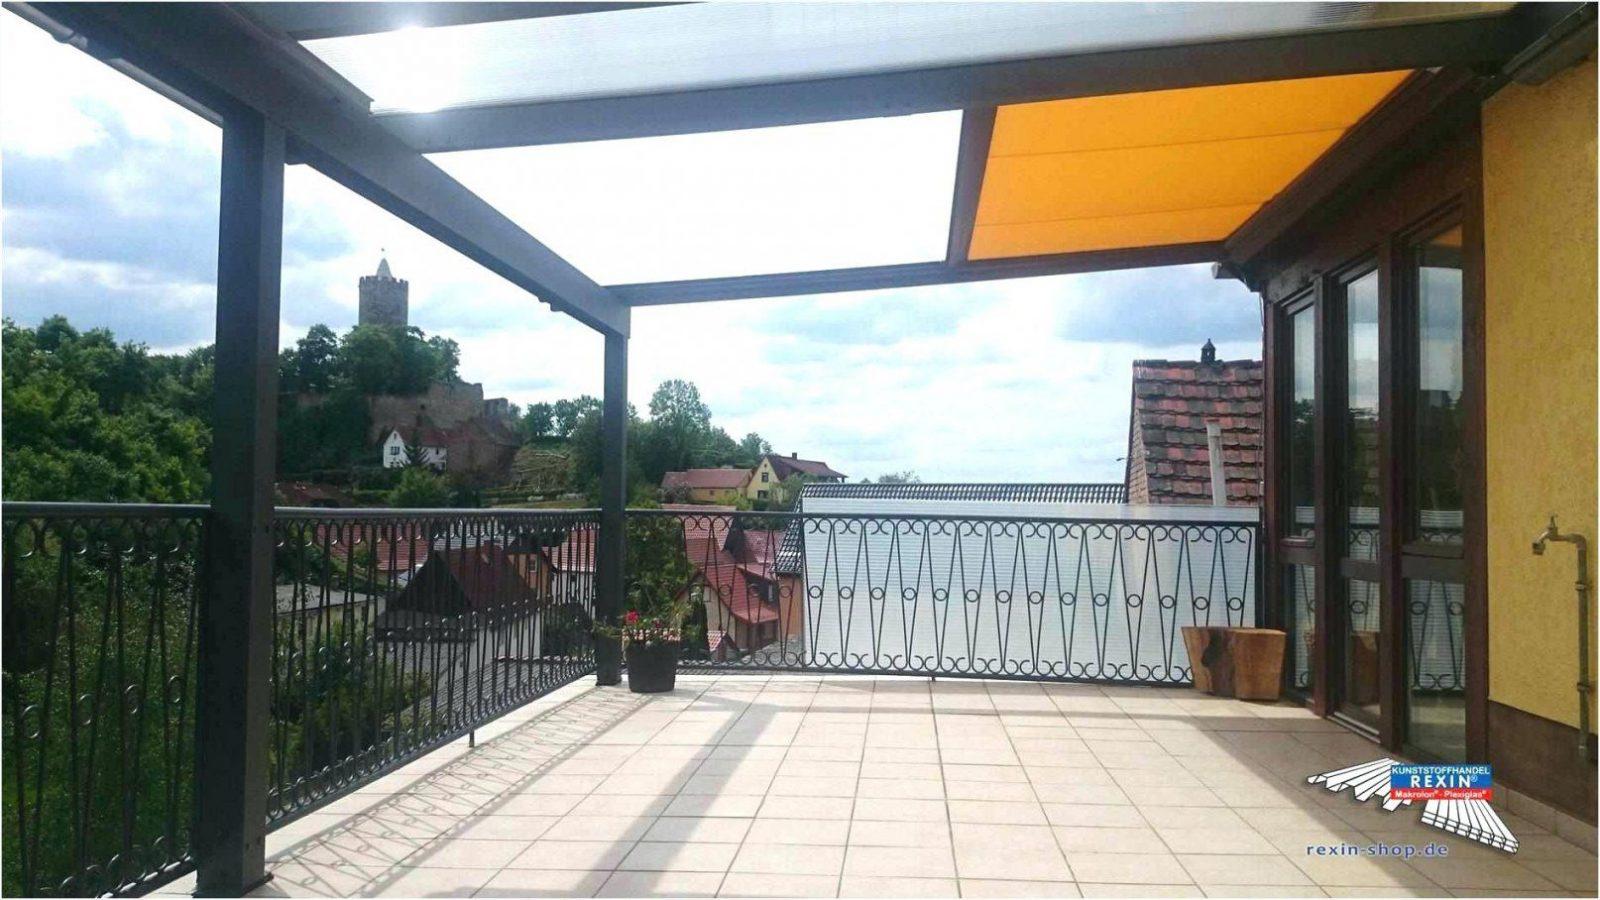 Seiten Sichtschutz Balkon Ohne Bohren Fur Balkontur Obi von Balkon Sichtschutz Seitlich Ohne Bohren Photo